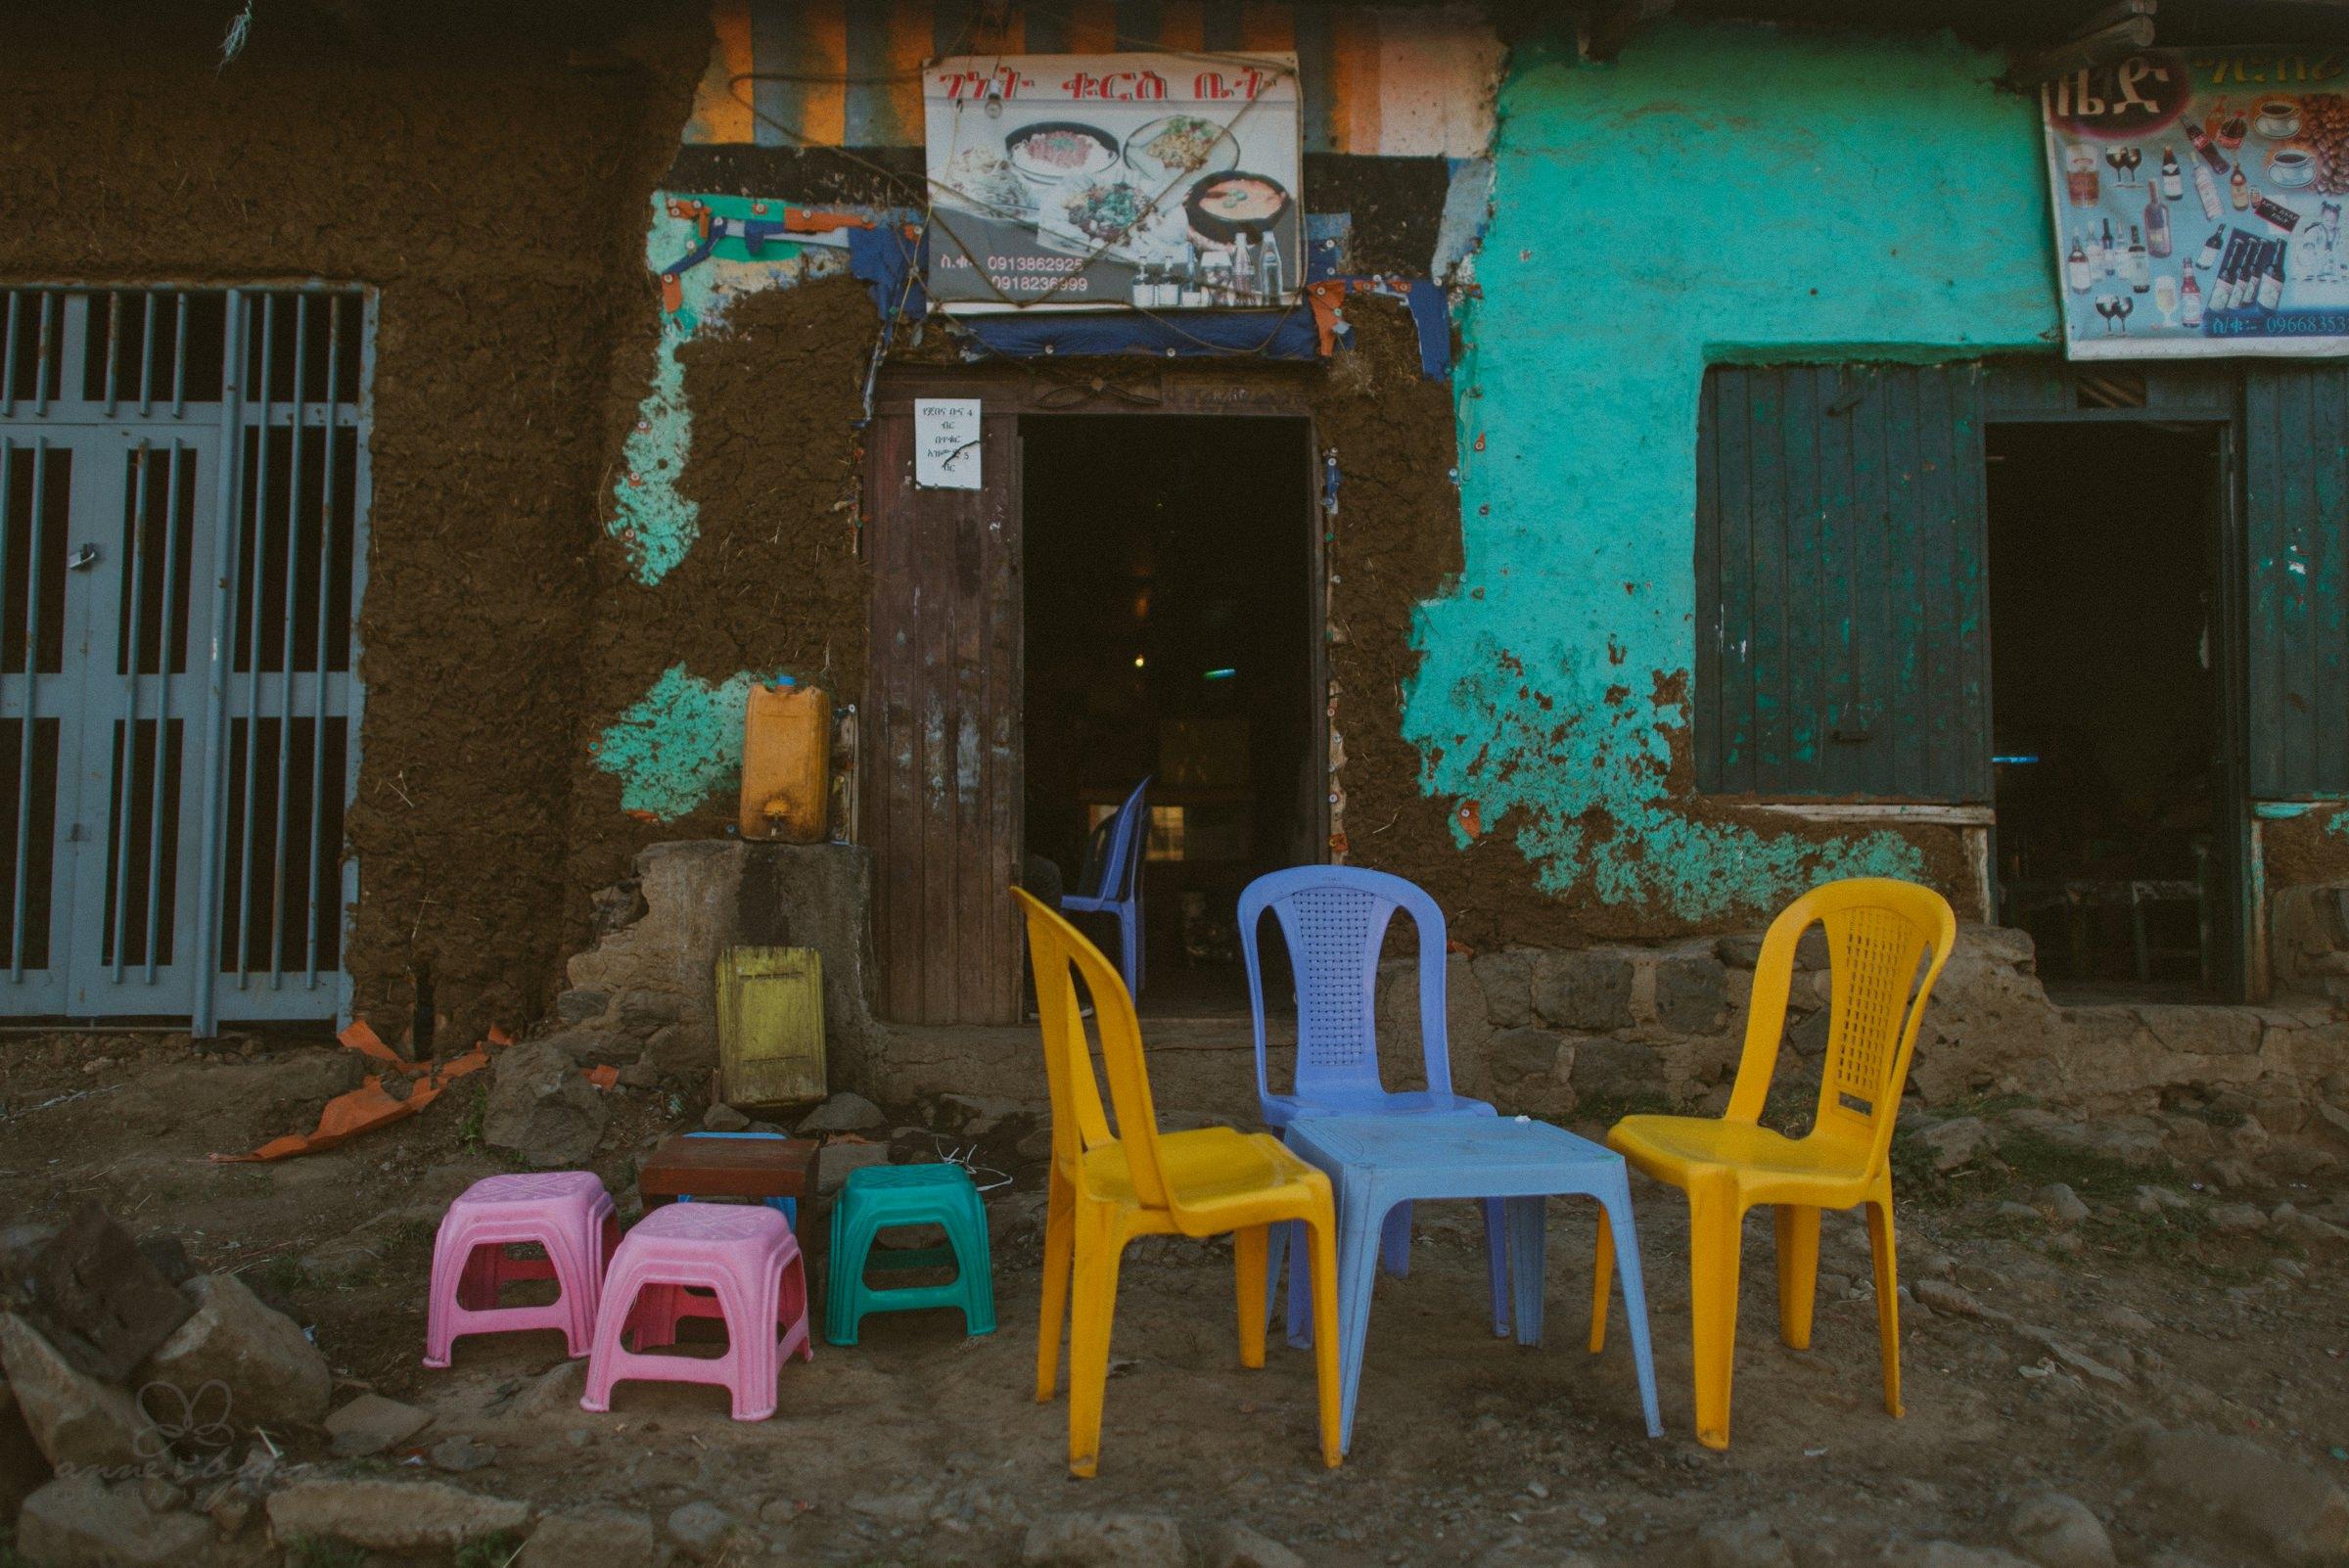 Restaurant, Straßenrestaurant, Äthiopien, äthiopische Küche, Plastikstühle